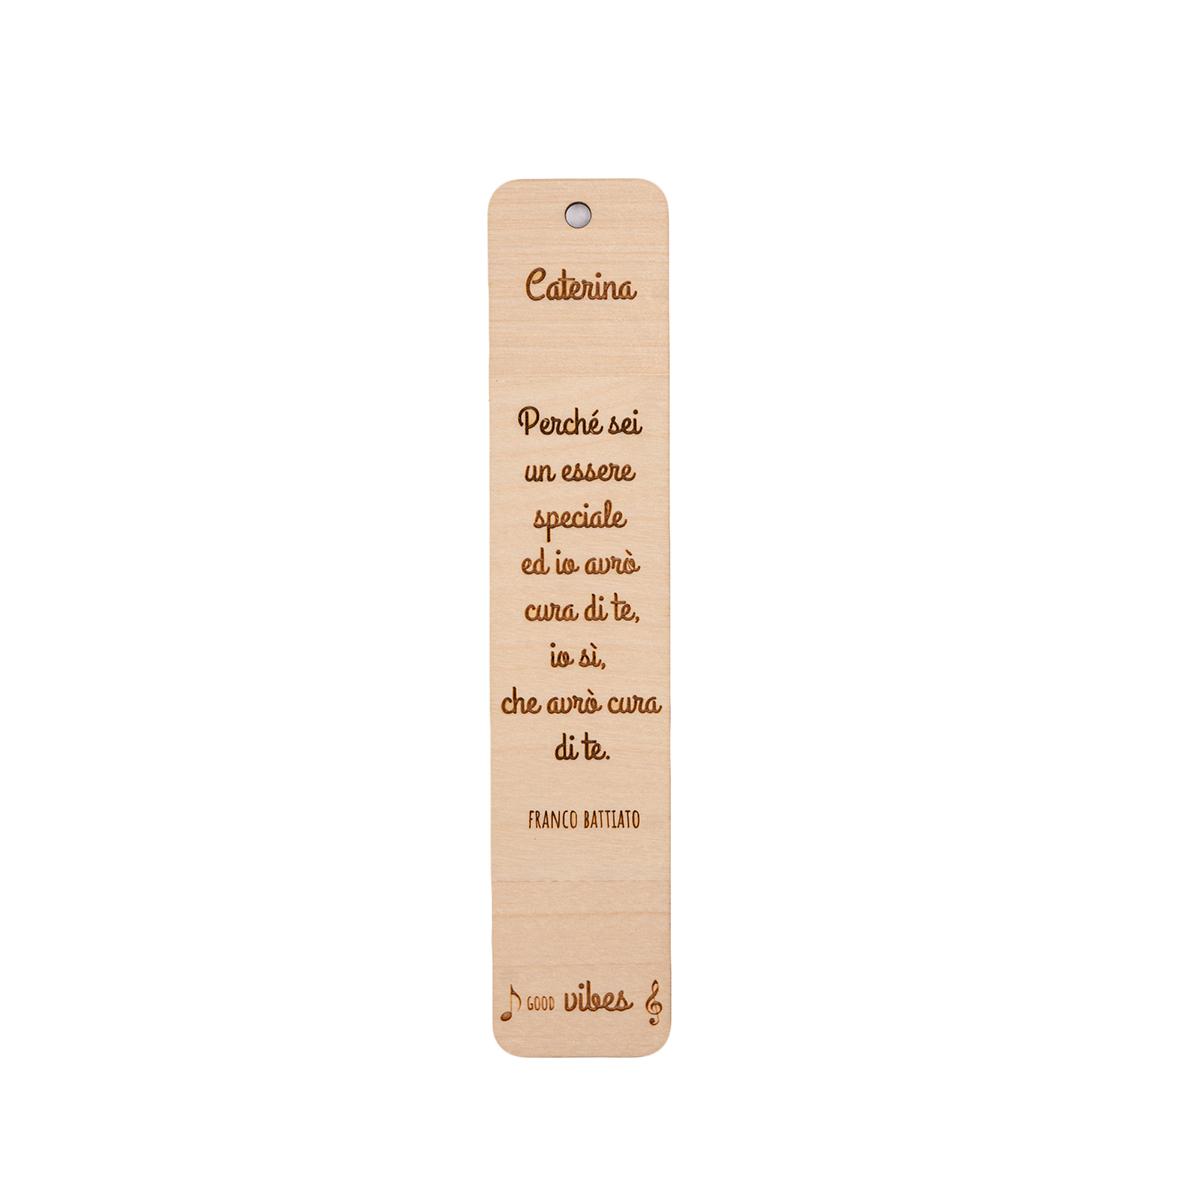 Segnalibro in legno personalizzabile con frase canzone famosa - Franco Battiato